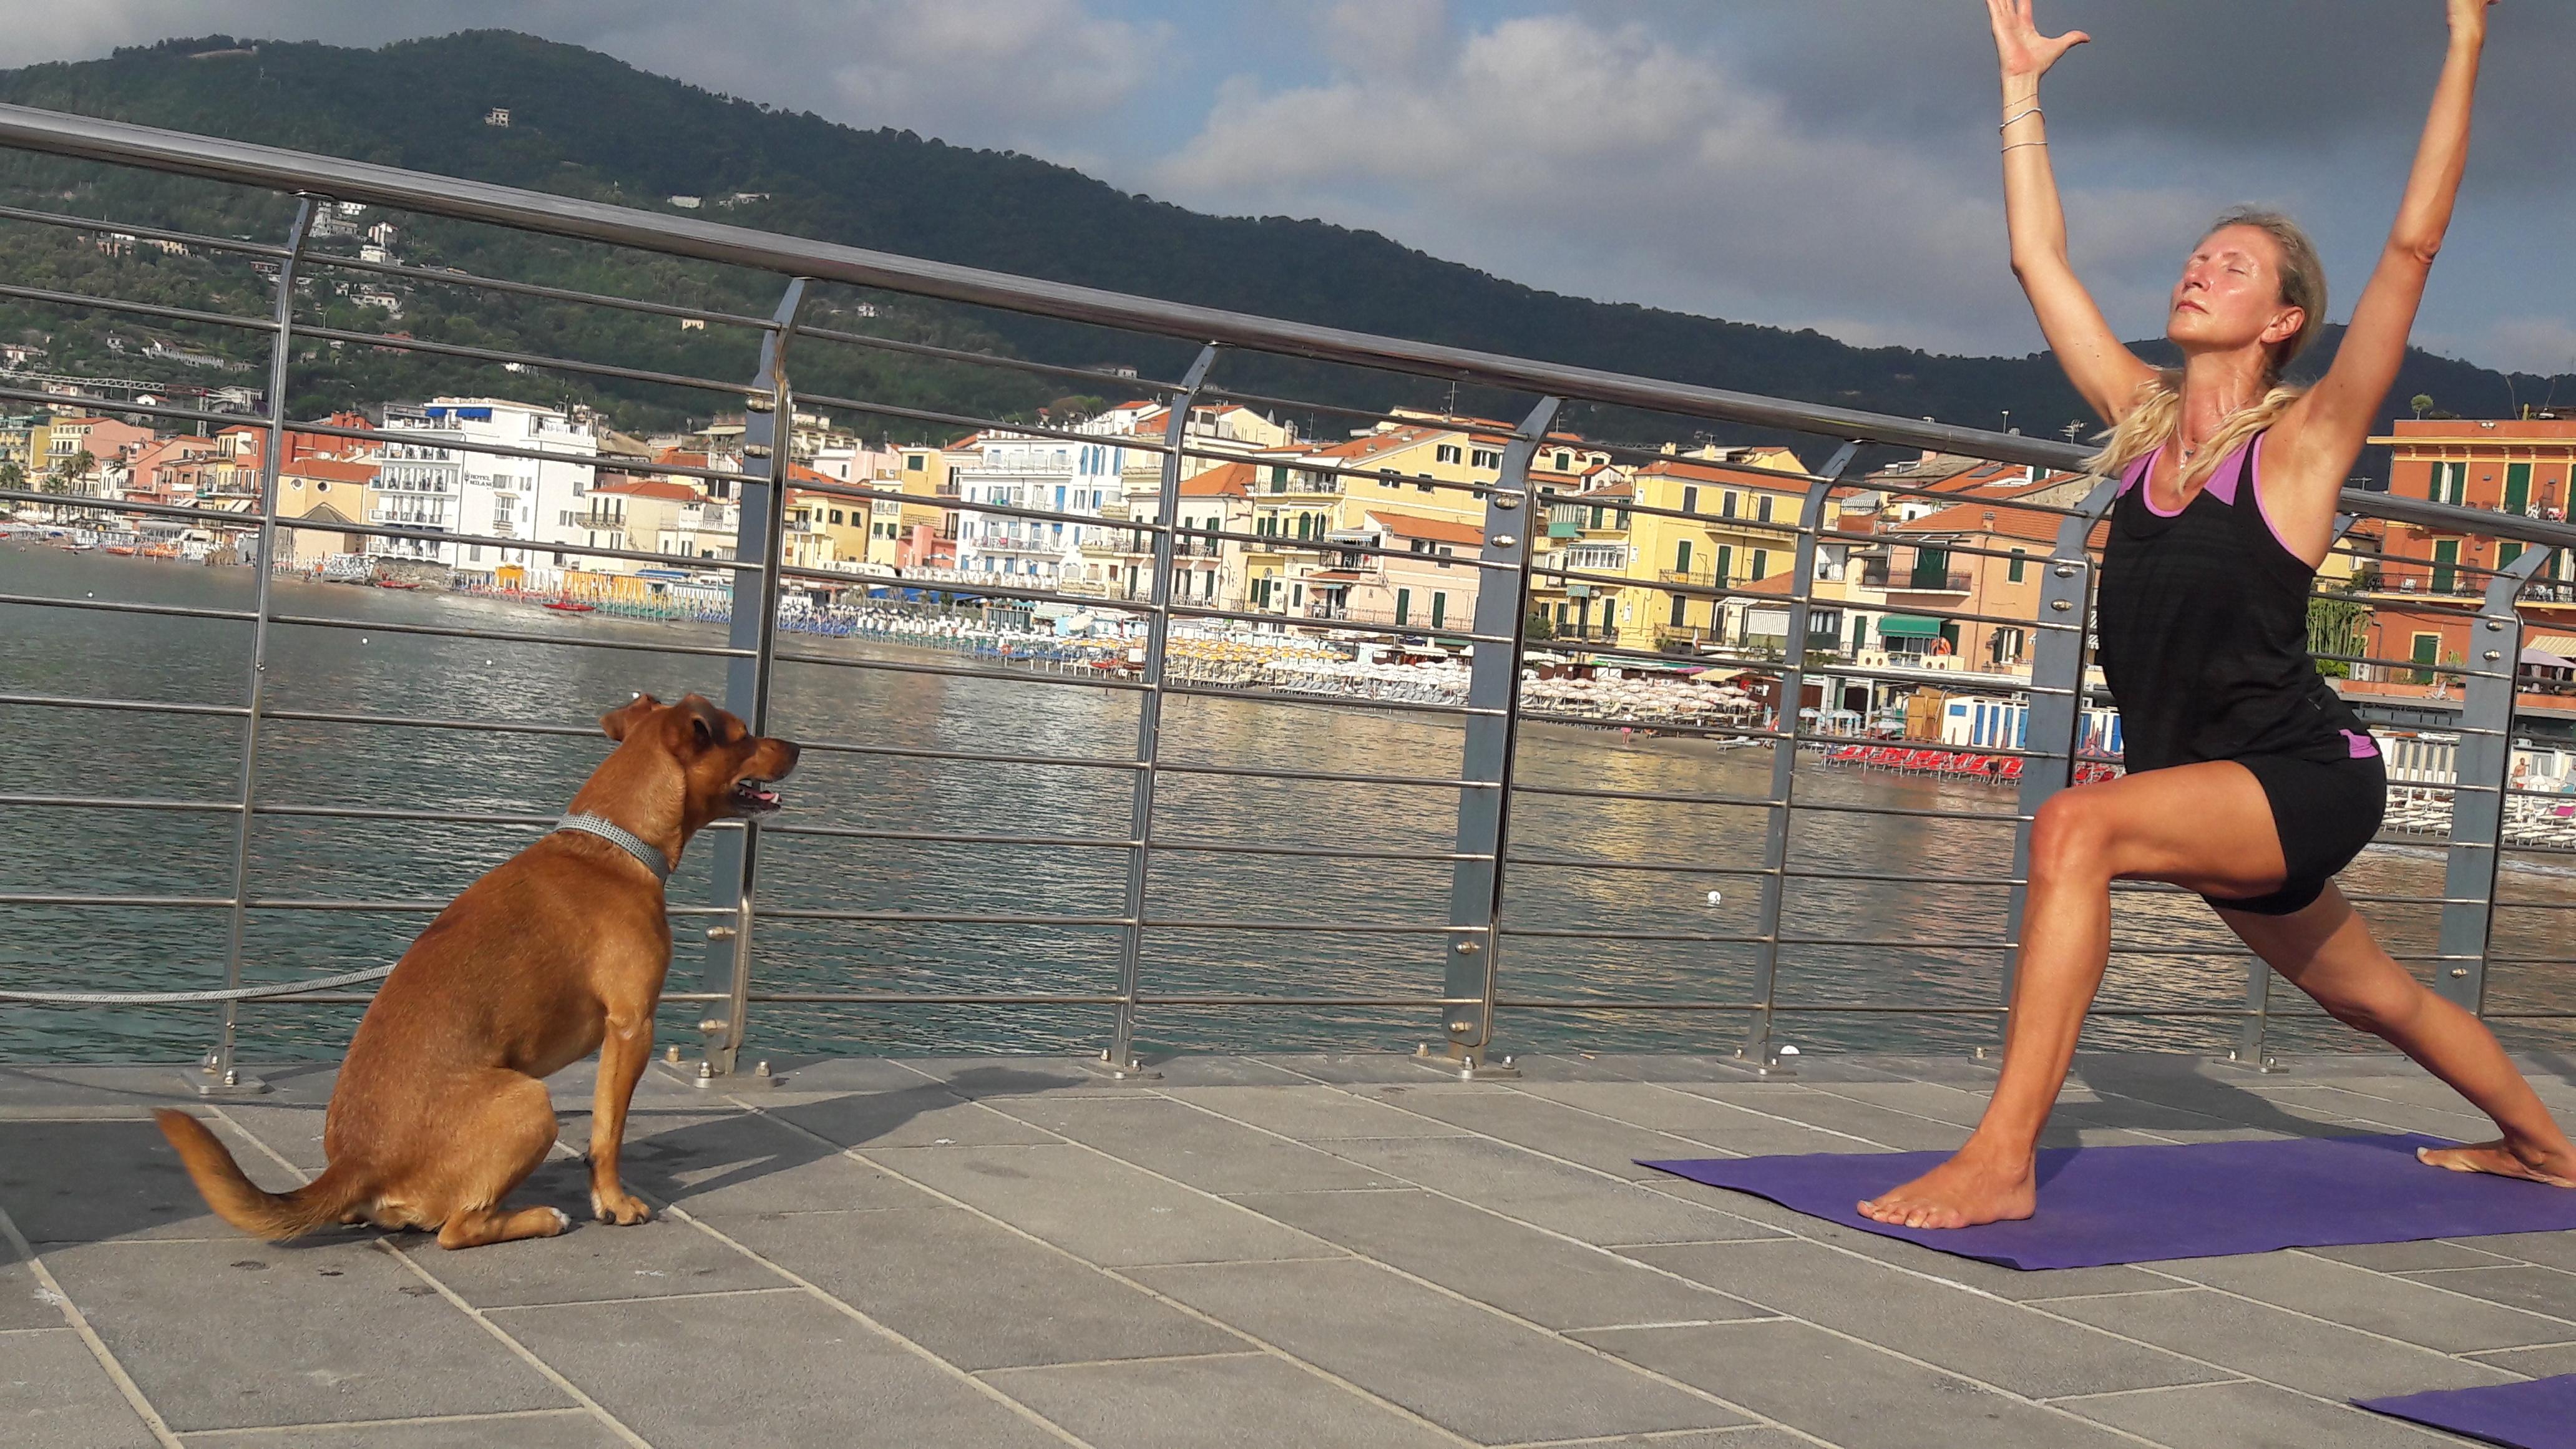 essere-free-yoga-gratuito-benessere-per-tutti-village-citta-alassio-estate-lucia-ragazzi-summer-town-wellness-058